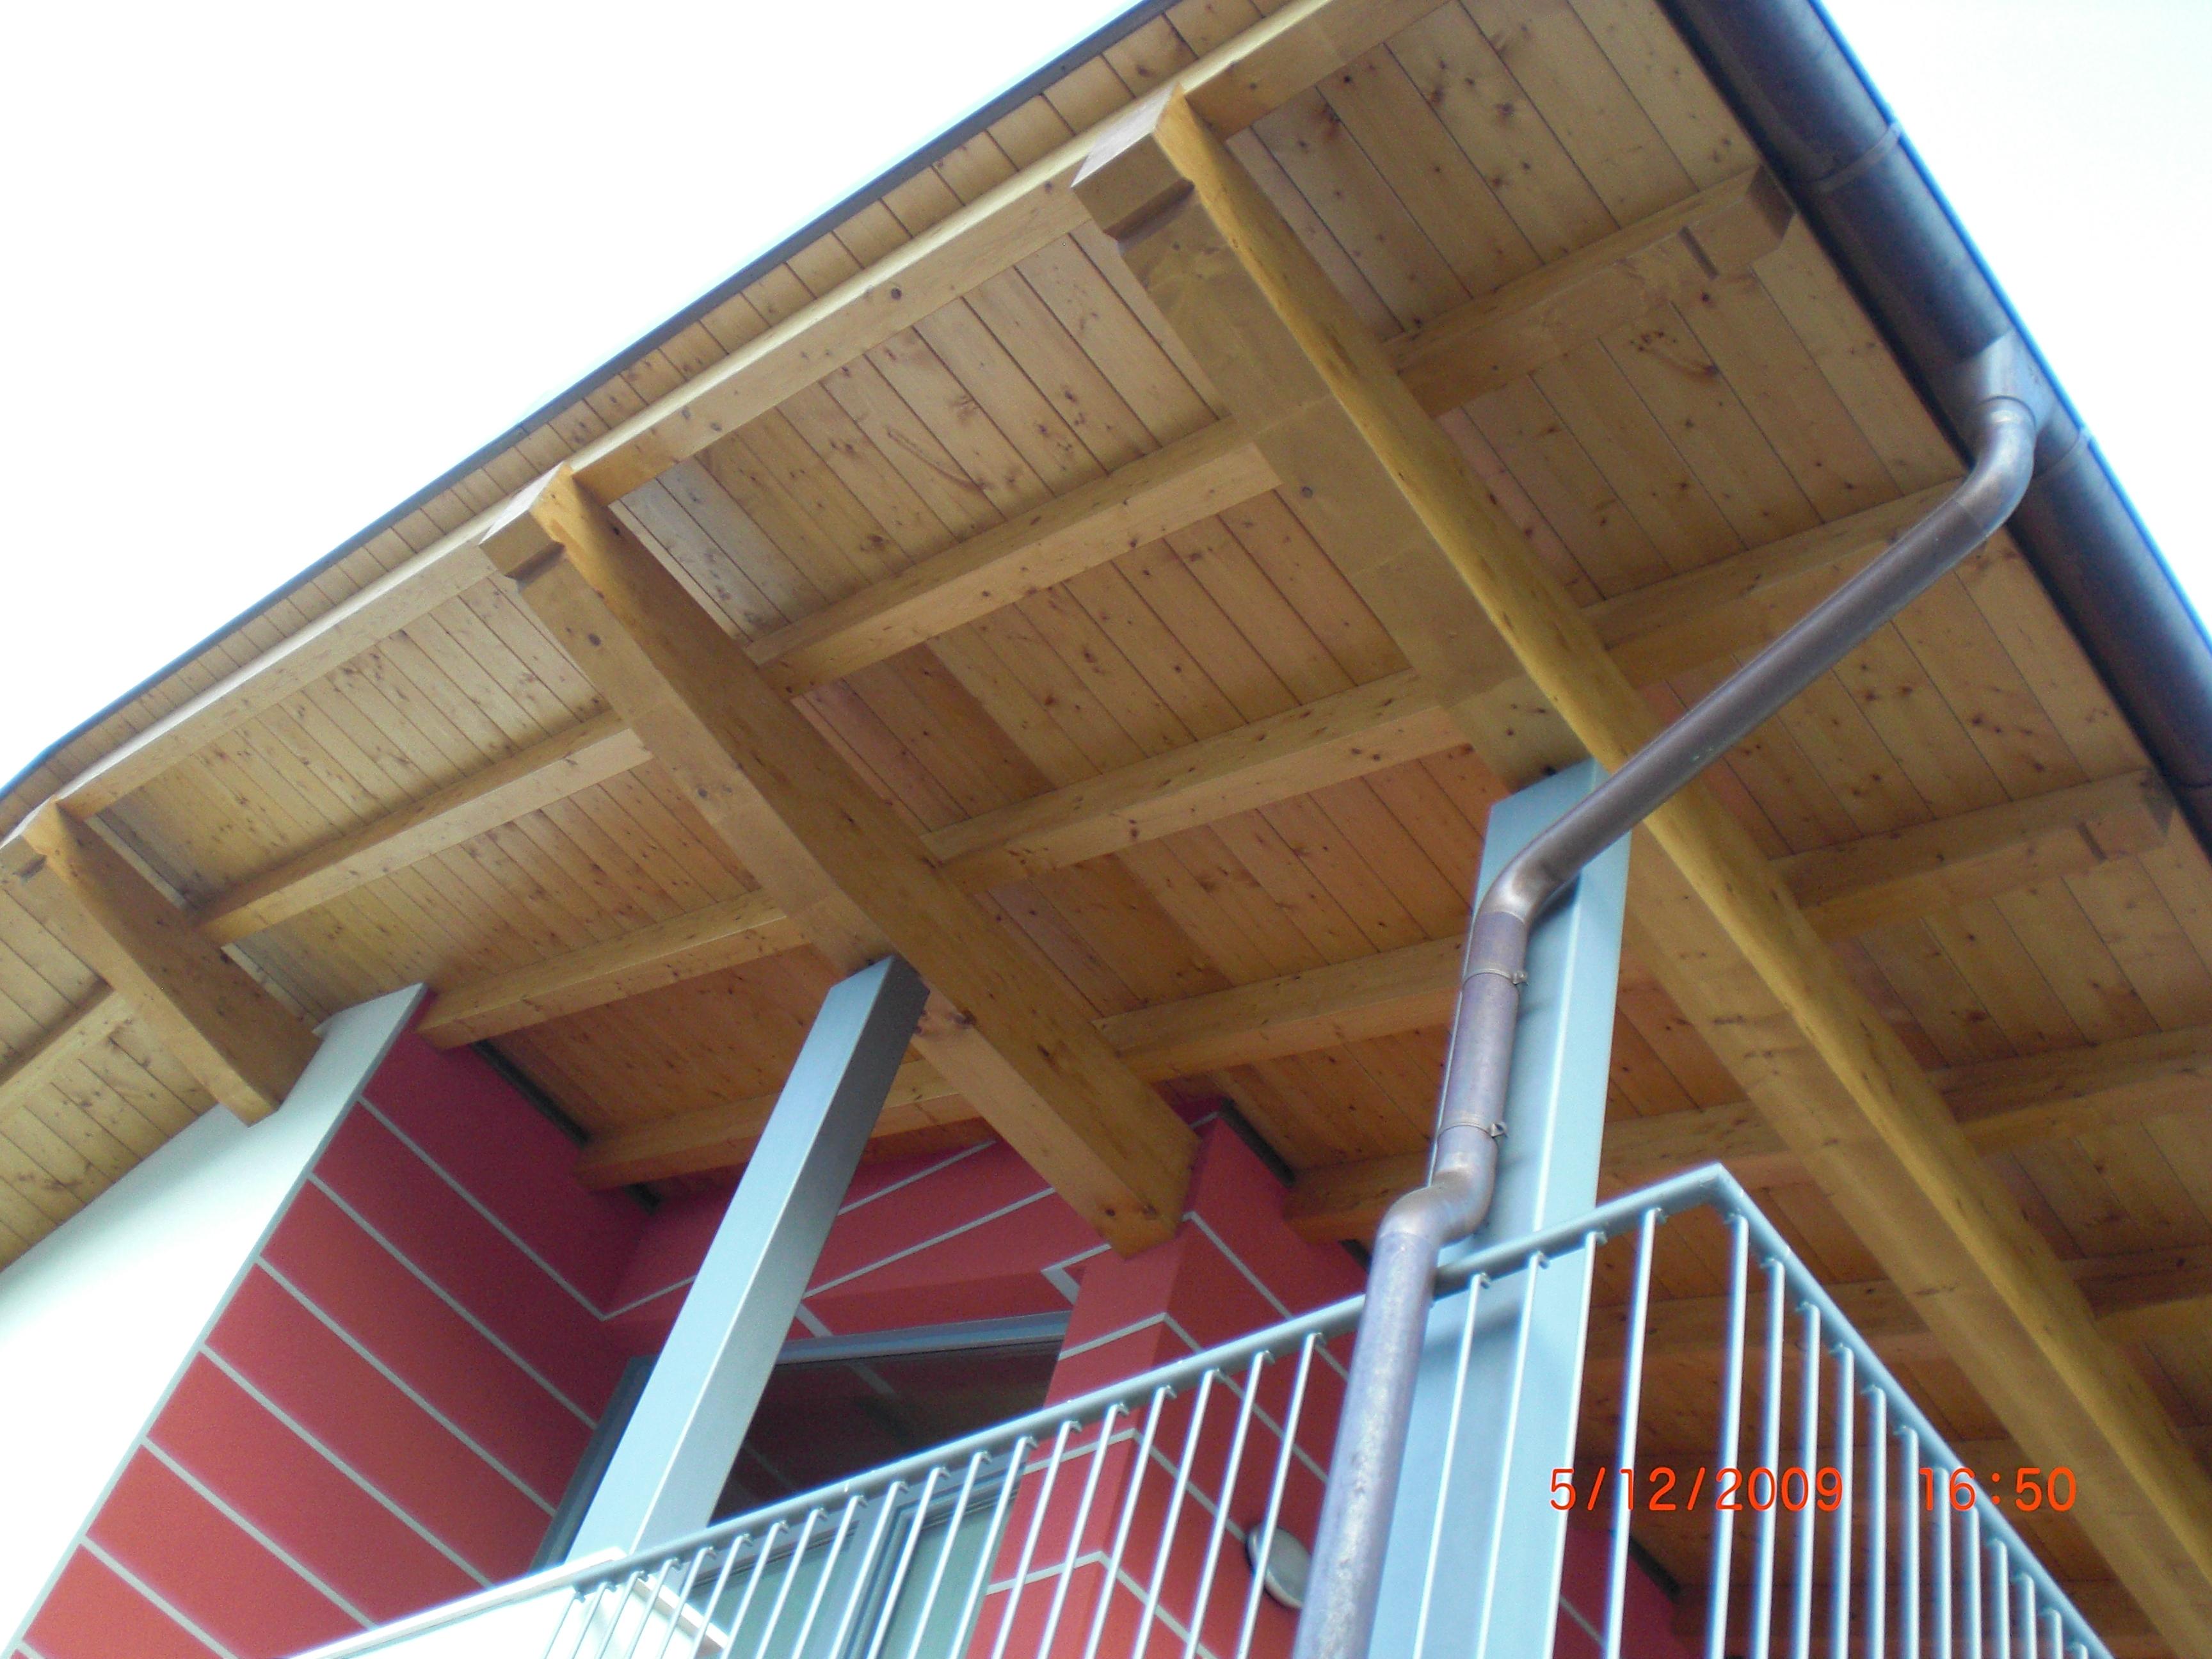 Casa antisismica con struttura portante in acciaio san giovanni rotondo news - Struttura in ferro per casa ...